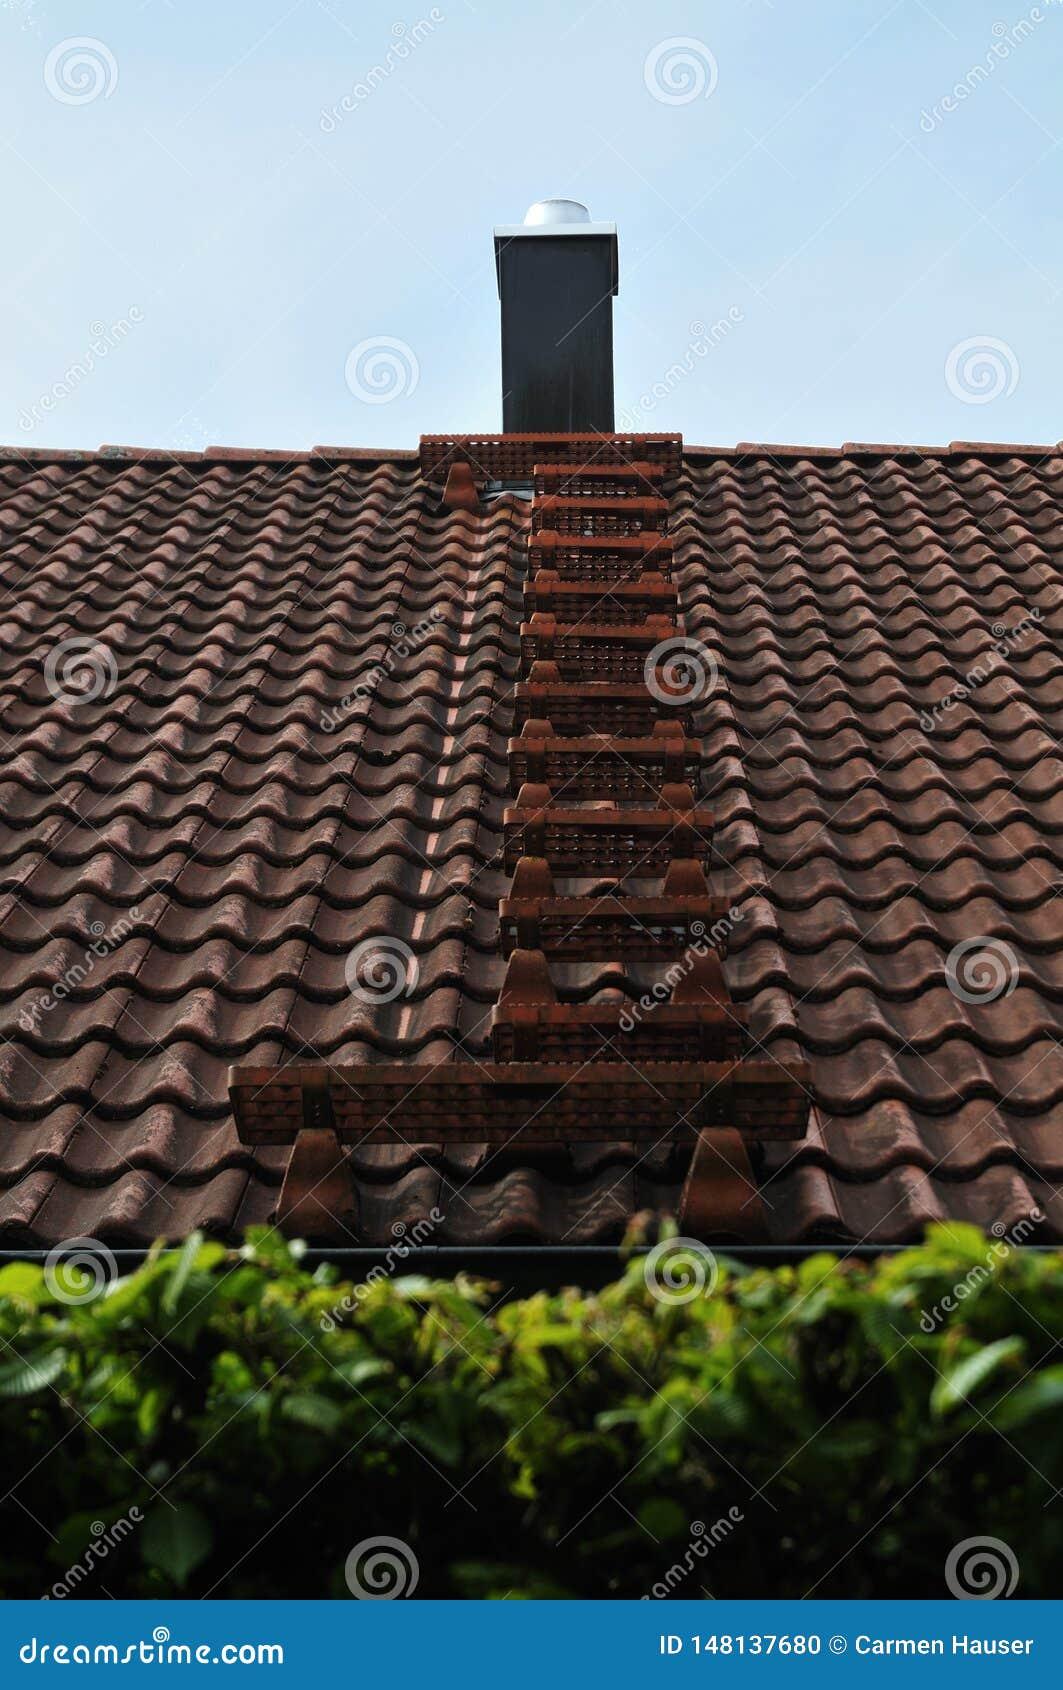 Échelle en métal pour la balayeuse de cheminée sur un toit